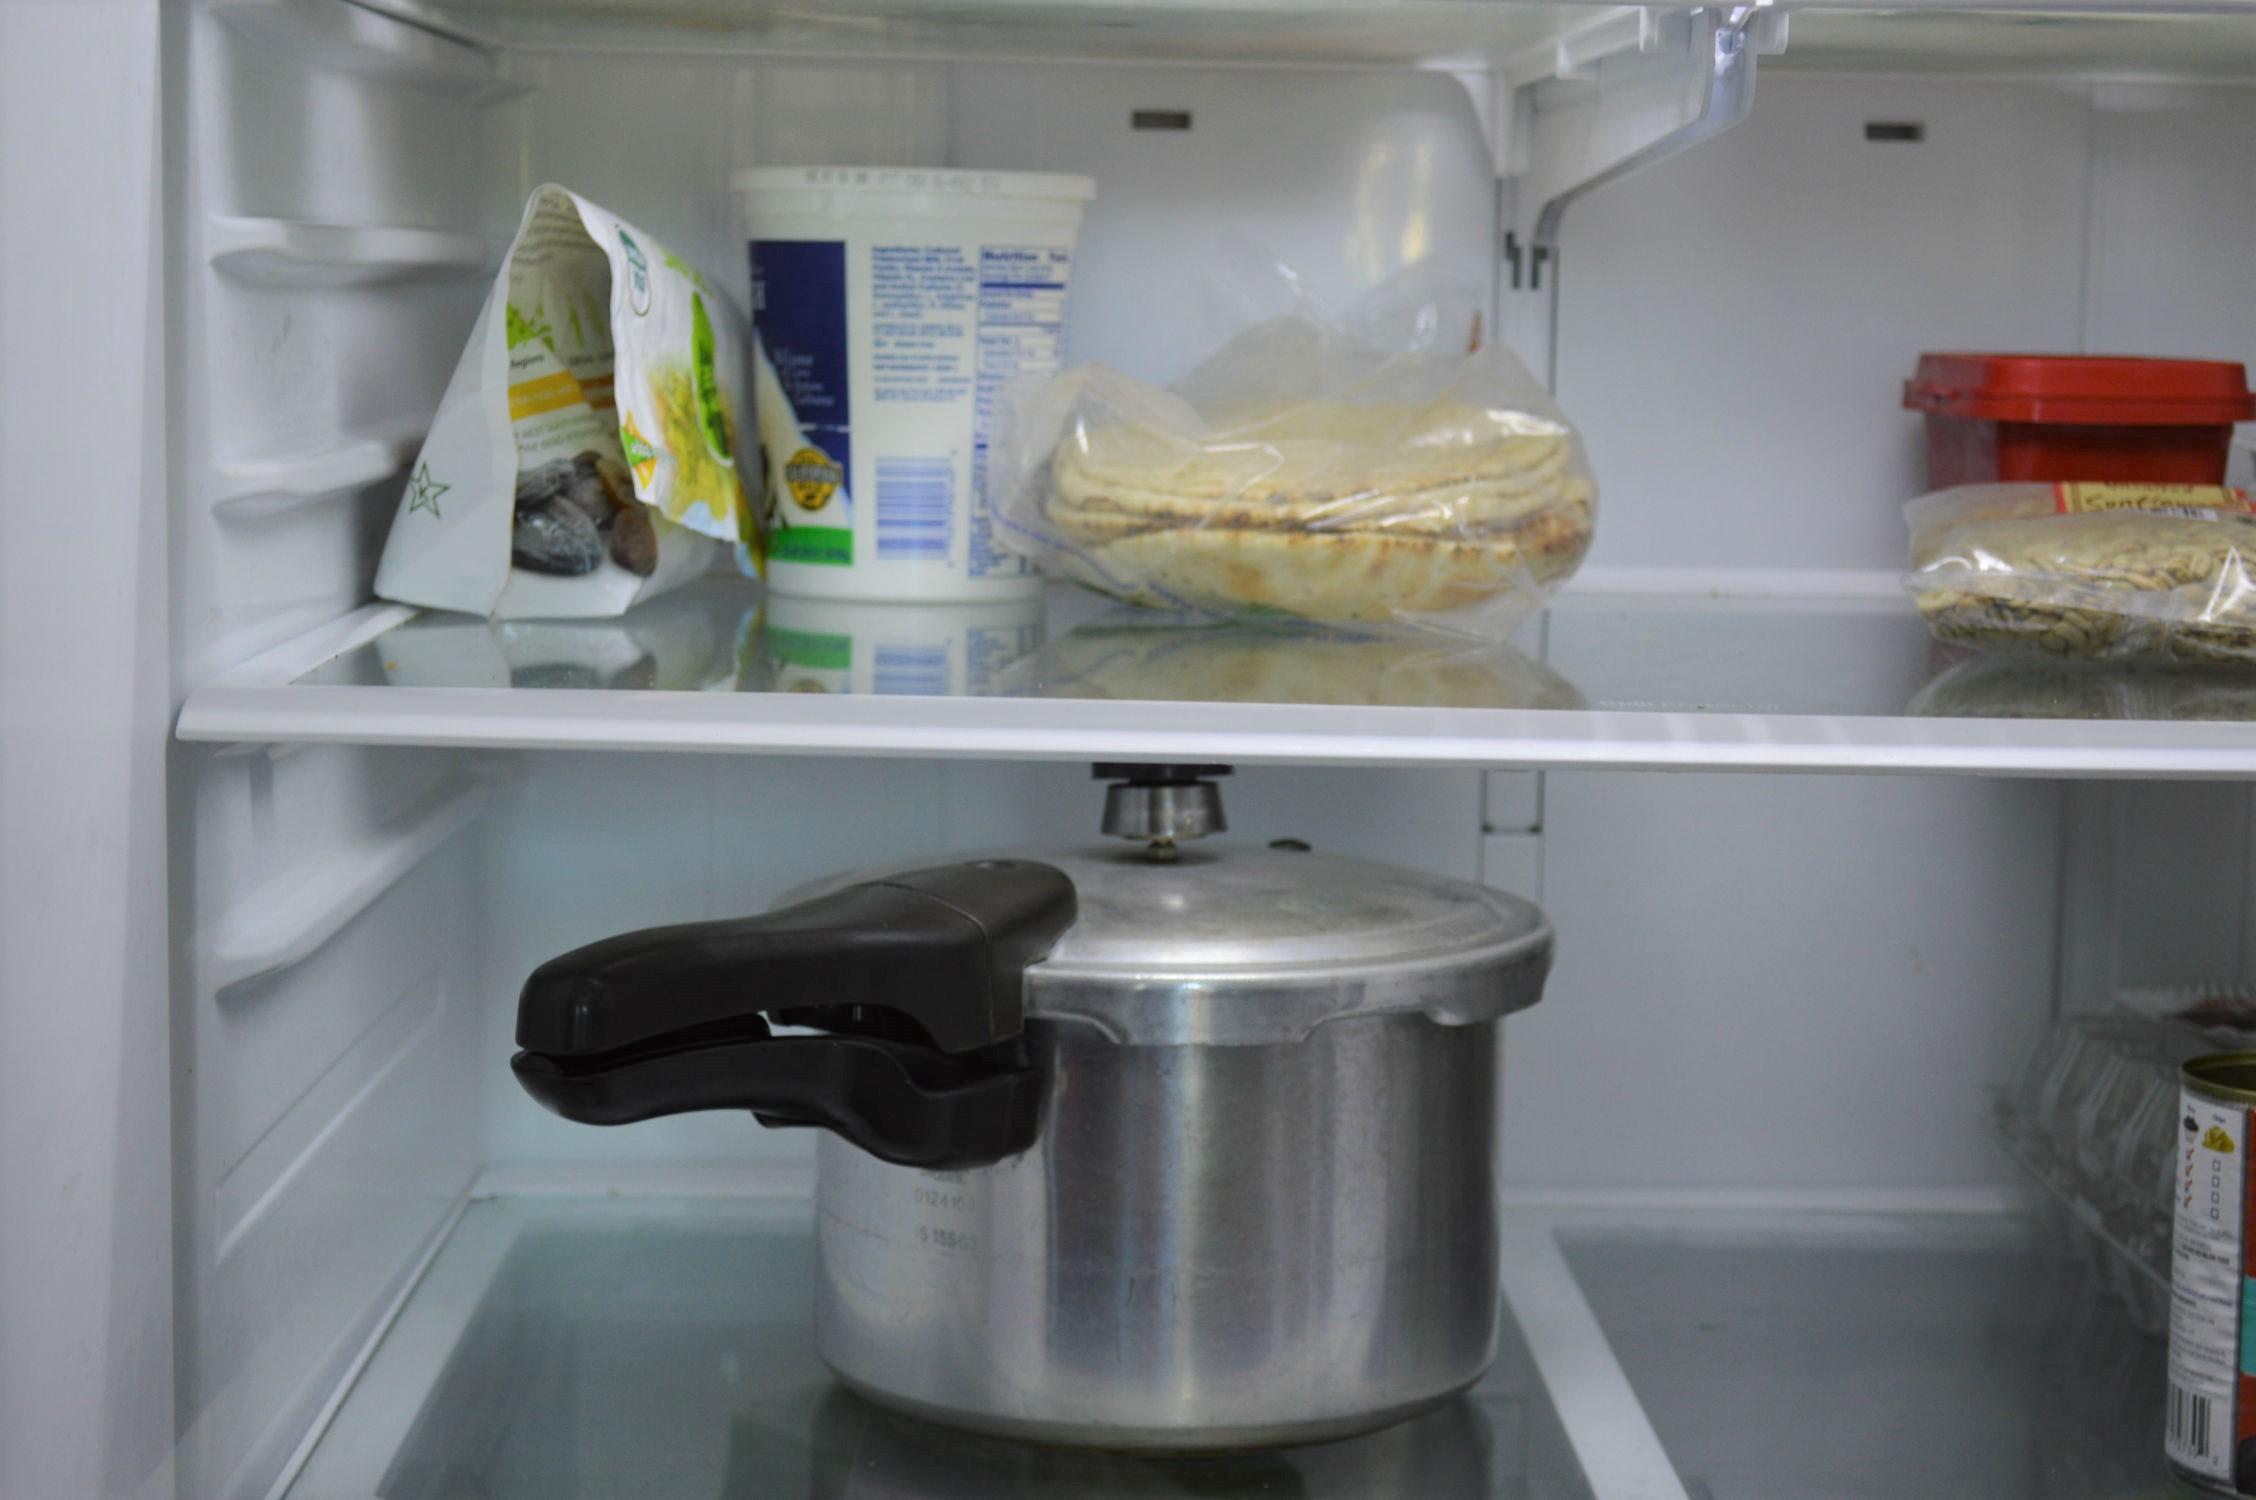 Store cooker in fridge